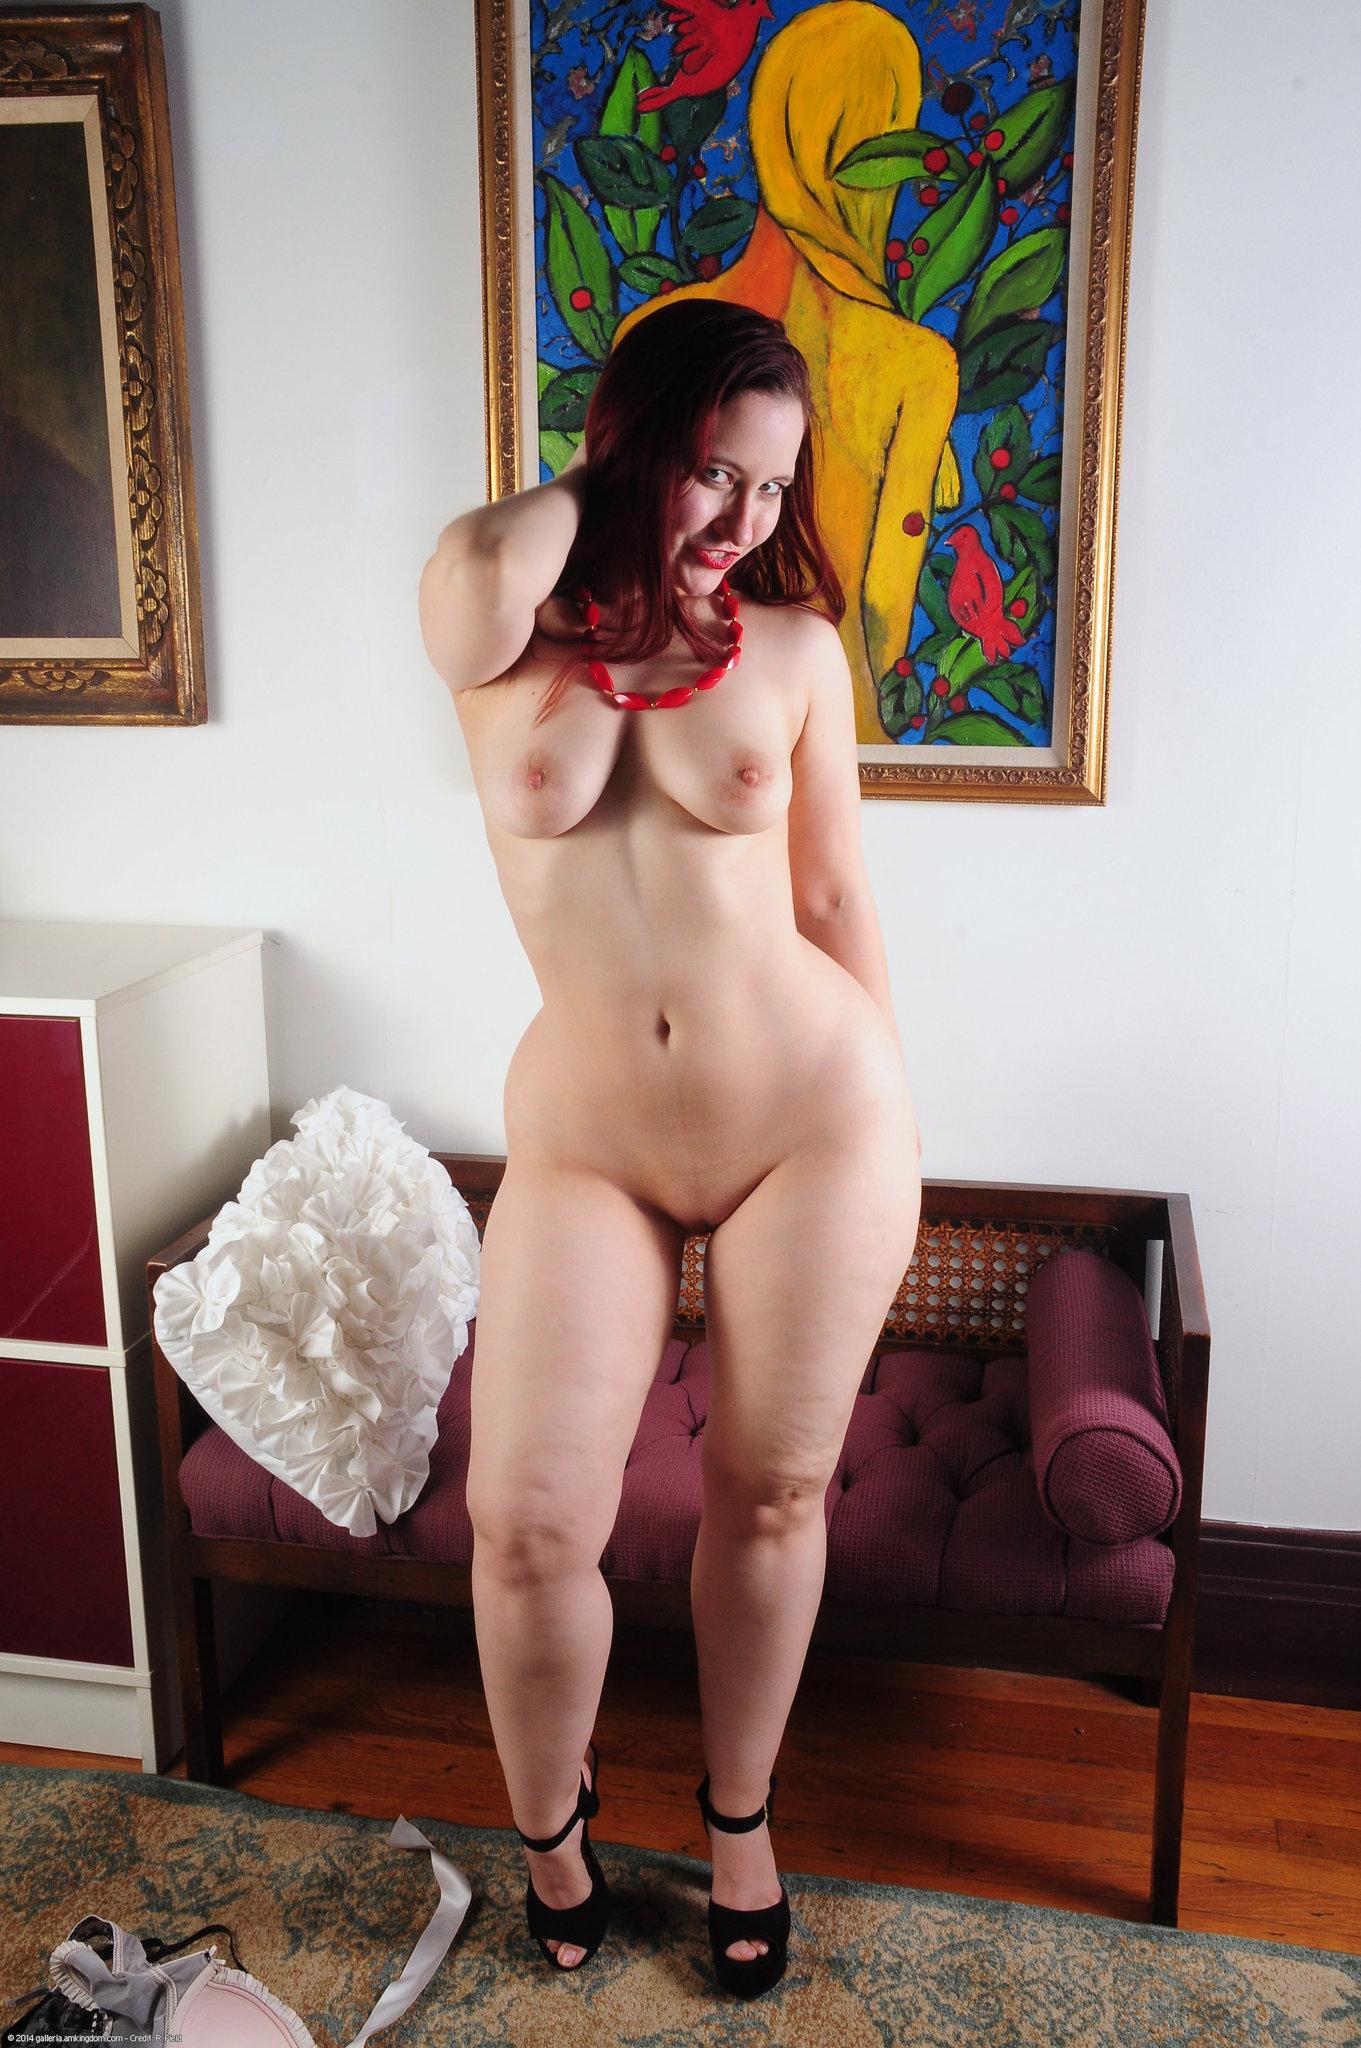 Nackte Frauen Mit Breiten Hüften